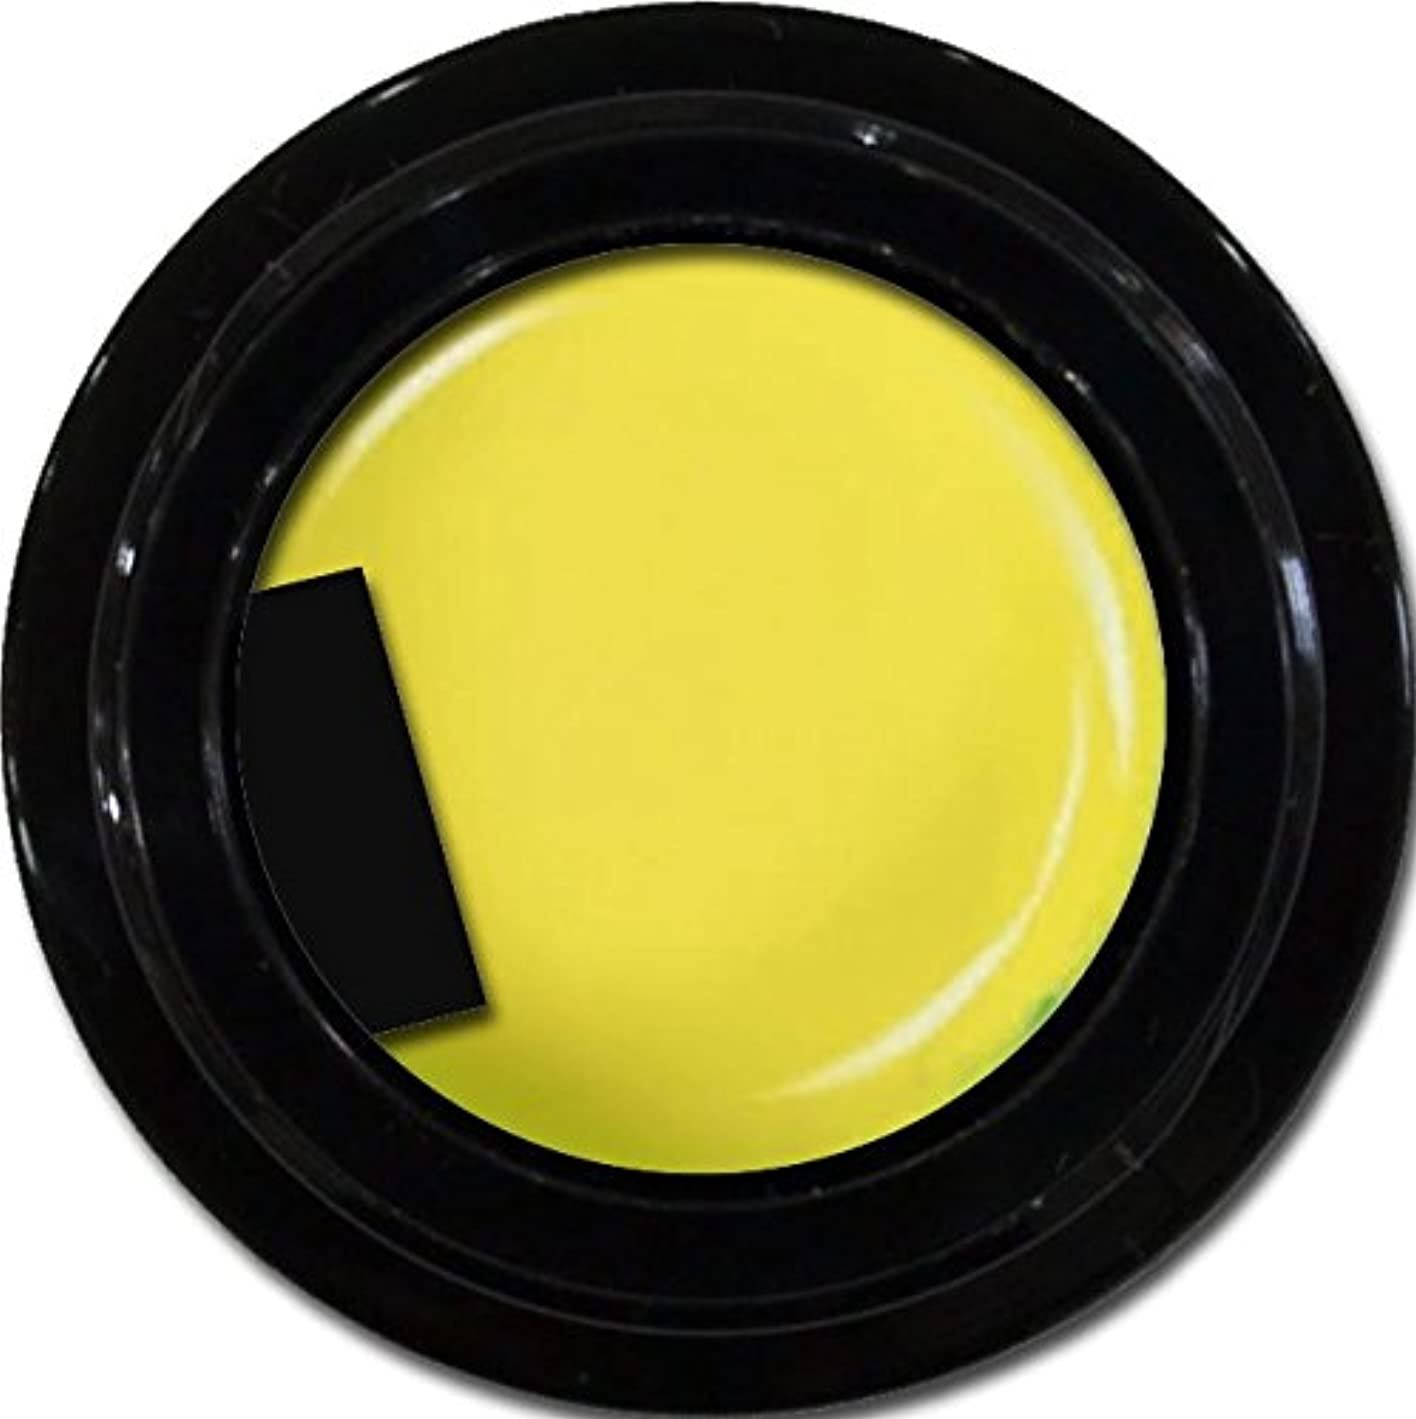 きょうだい貼り直す貯水池カラージェル enchant color gel M602 MoroccoYellow 3g/ マットカラージェル M602 モロッコイエロー 3グラム